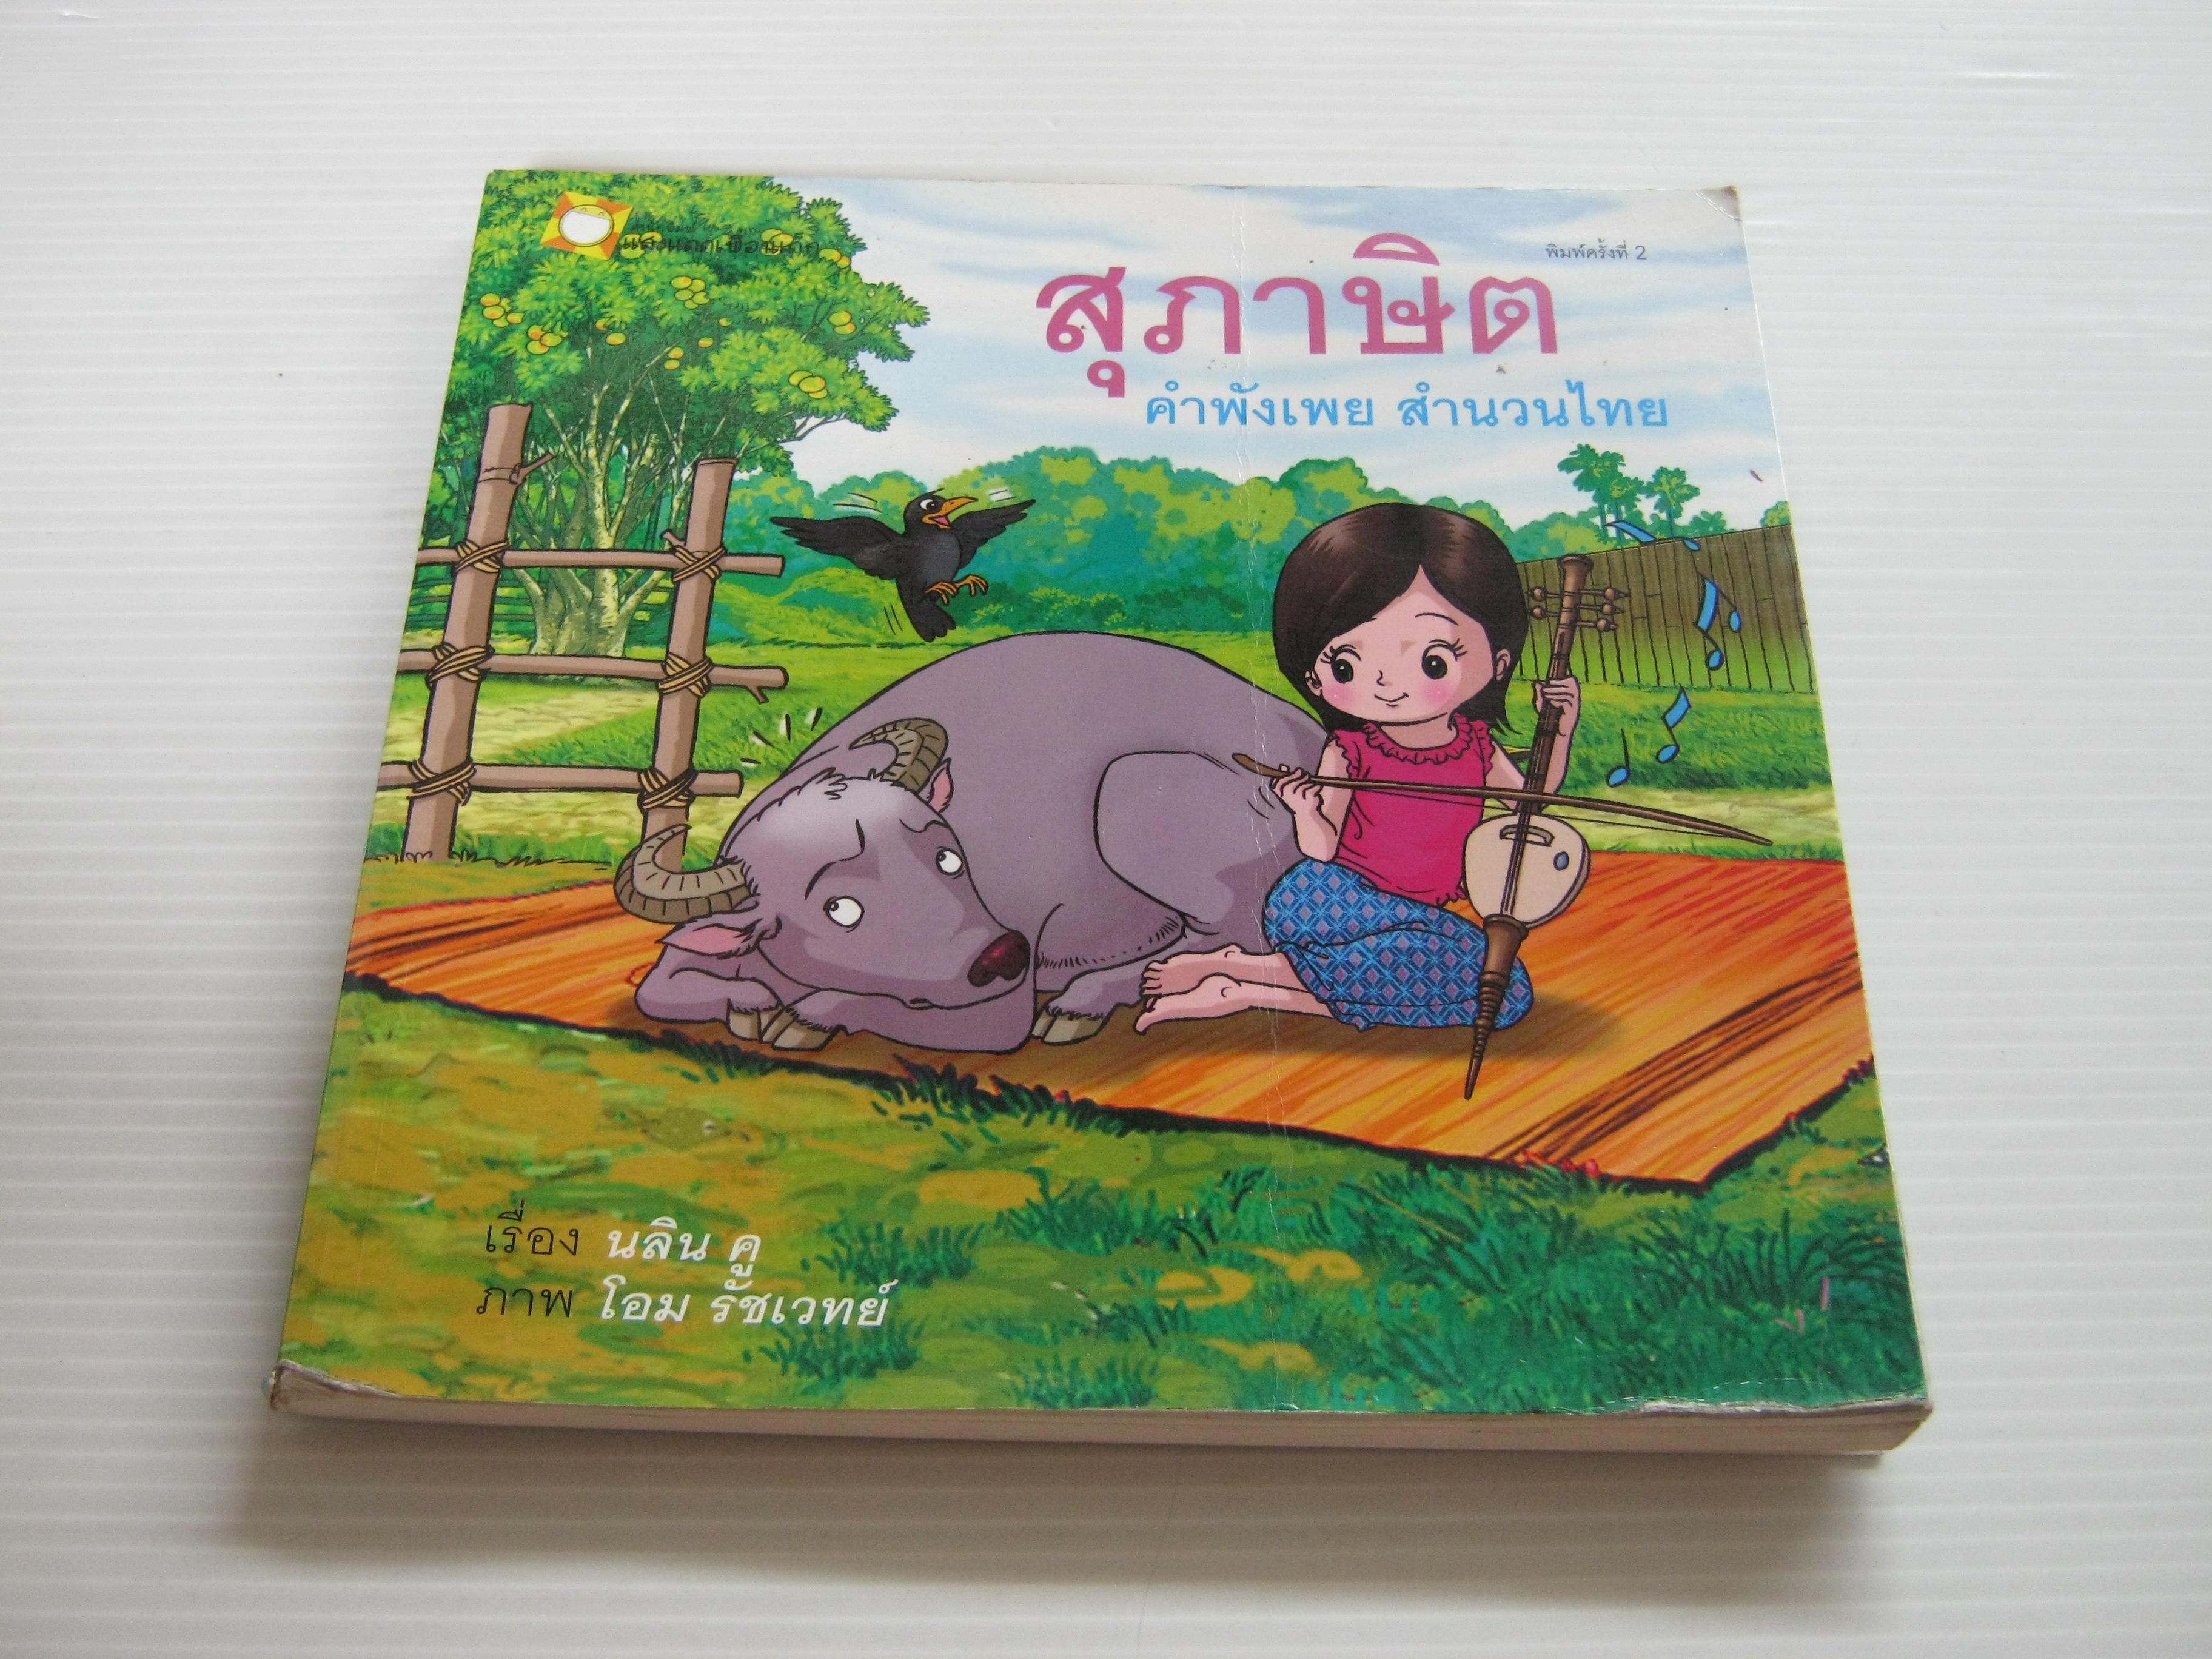 สุภาษิต คำพังเพย สำนวนไทย พิมพ์ครั้งที่ 2 นลิน คู เรือง โอม รัชเวทย์ ภาพ